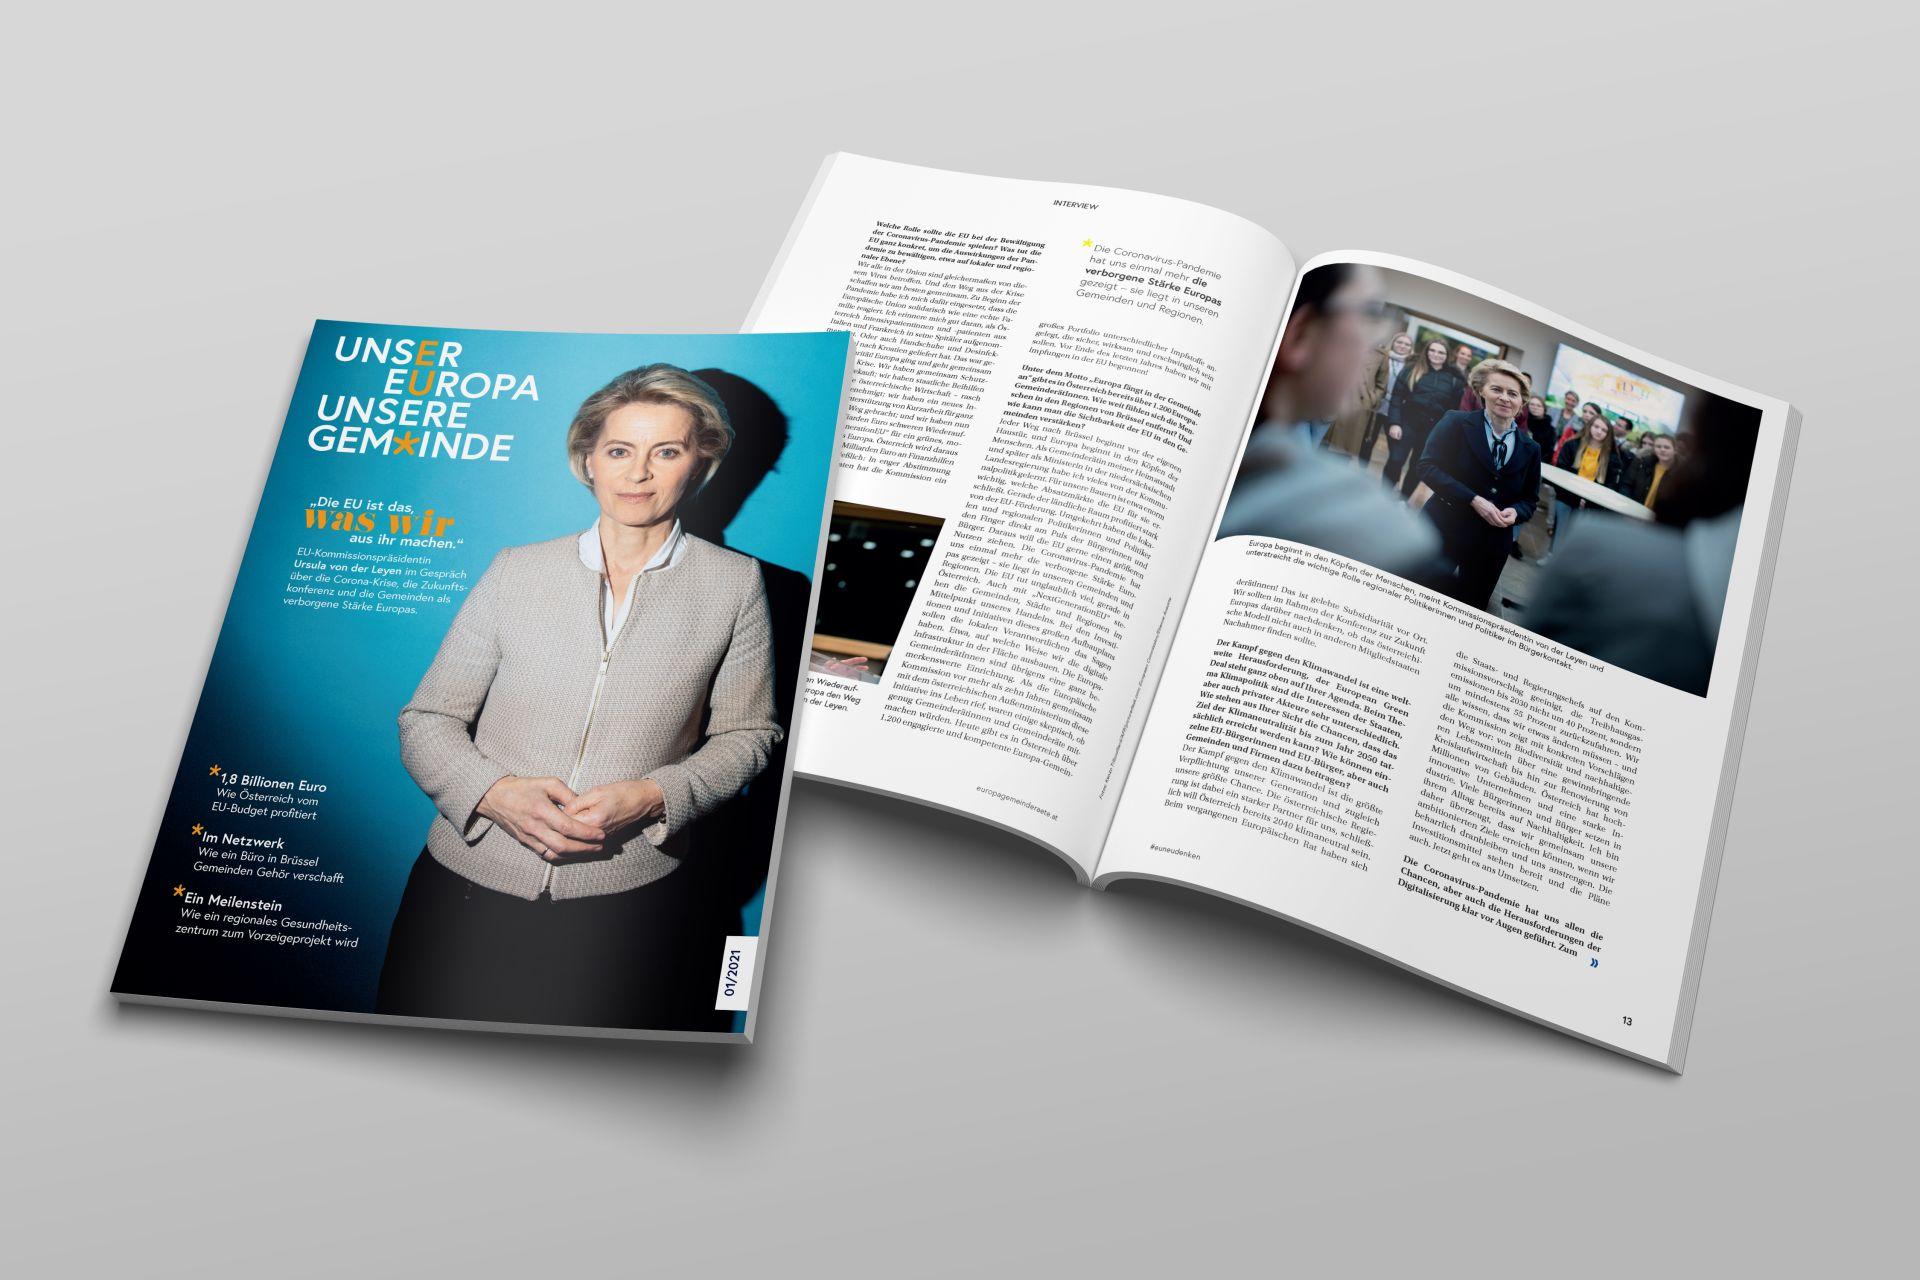 Neues Magazin für Bundeskanzleramt